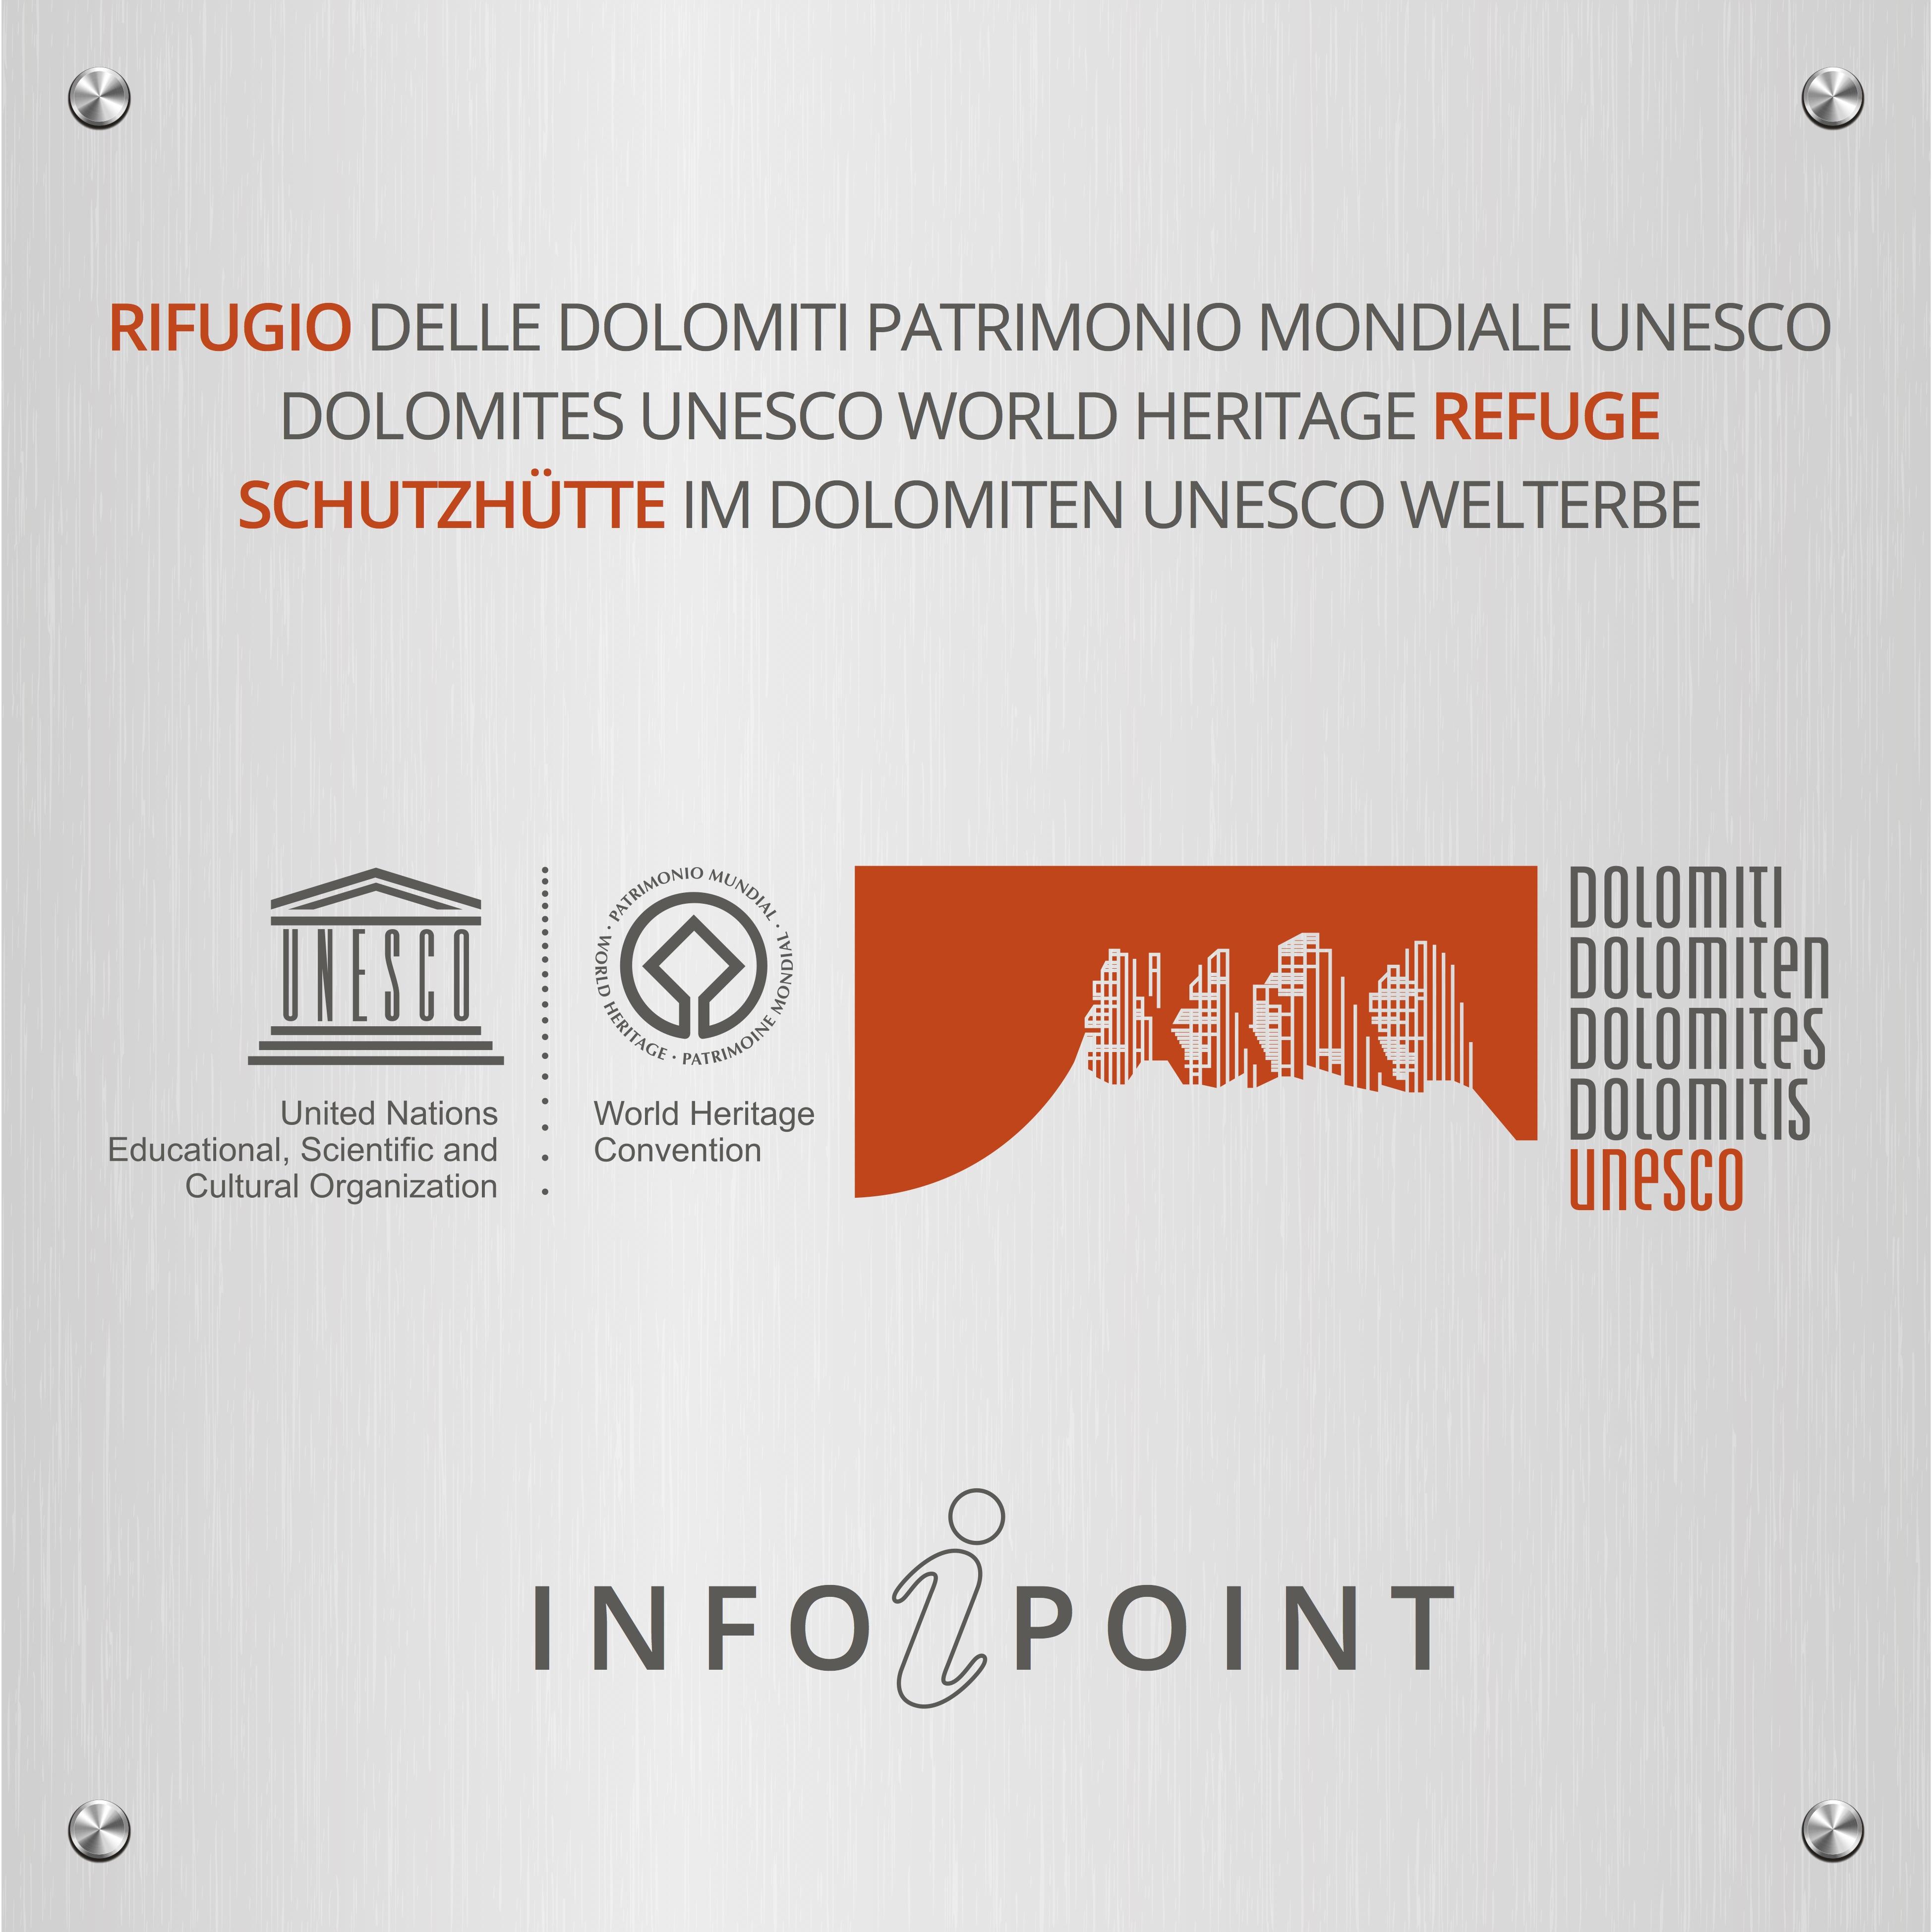 Targa per i rifugi aderenti al progetto Rifugi delle Dolomiti UNESCO